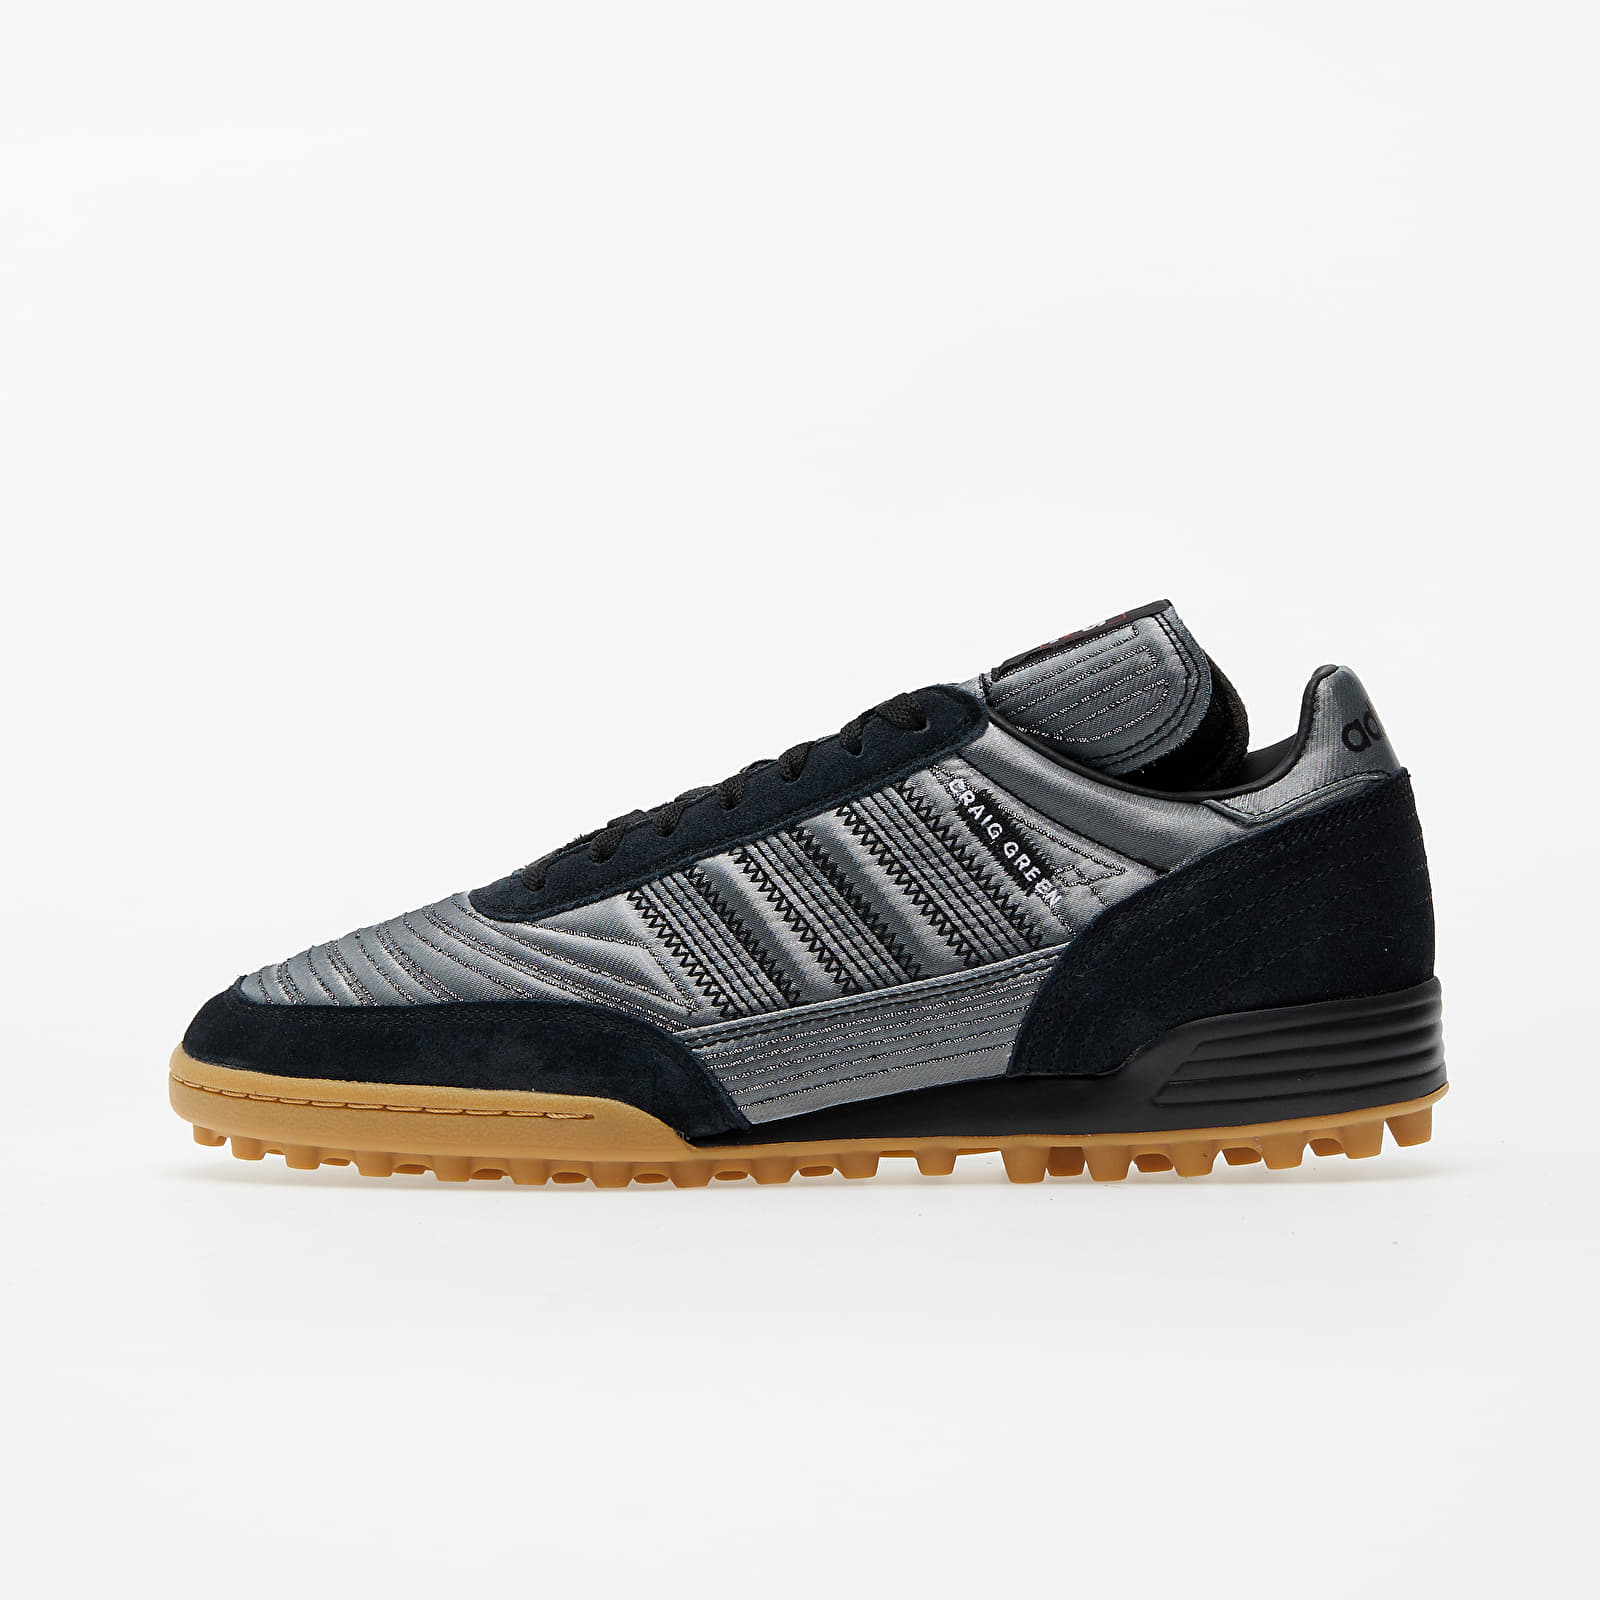 adidas x Craig Green Kontuur III Core Black/ Core Black/ Core Black FY7696